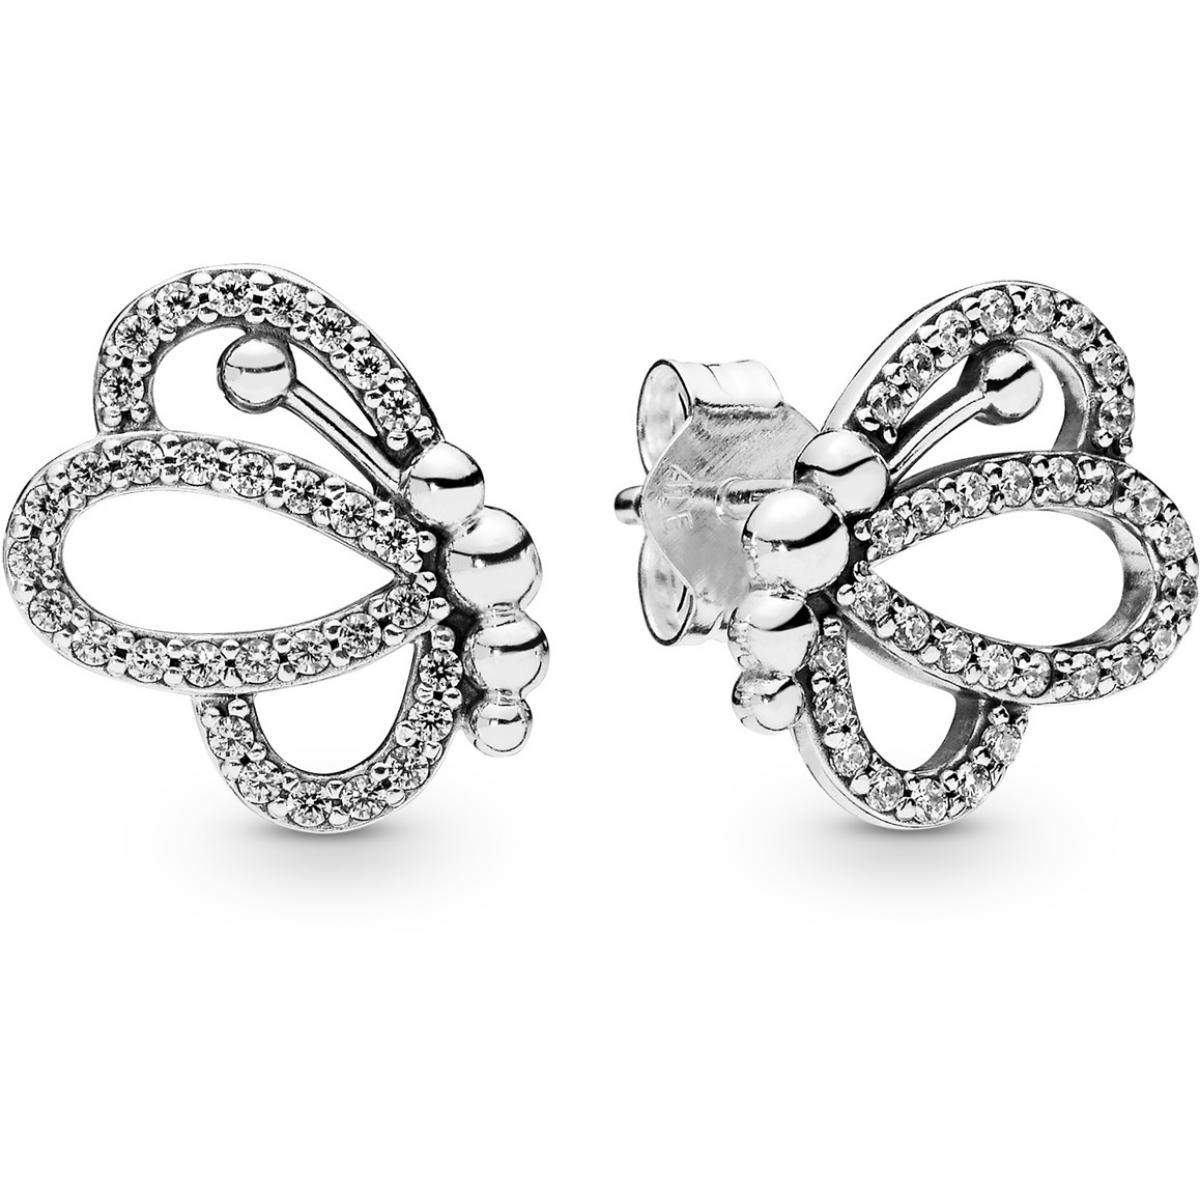 Boucles d'oreilles Pandora Animaux 297912CZ Femme